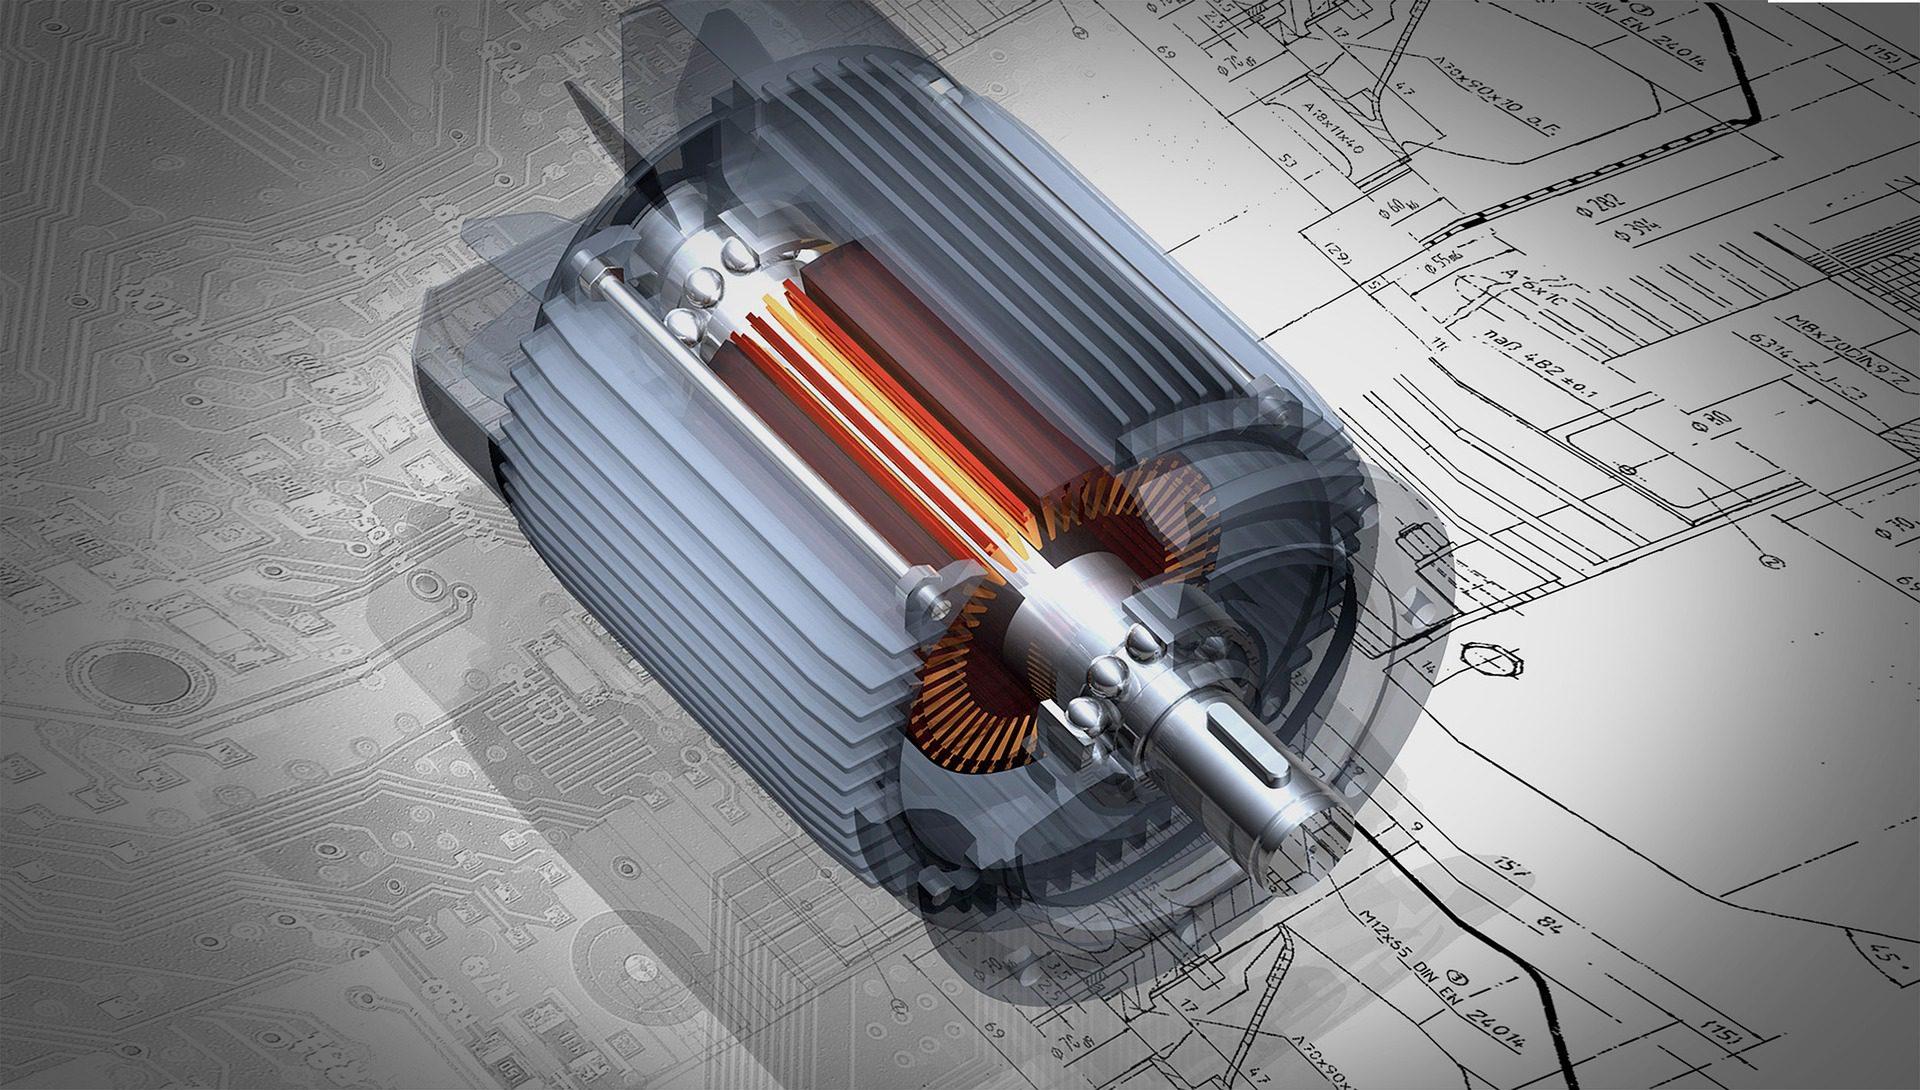 Représentation d'un moteur électrique